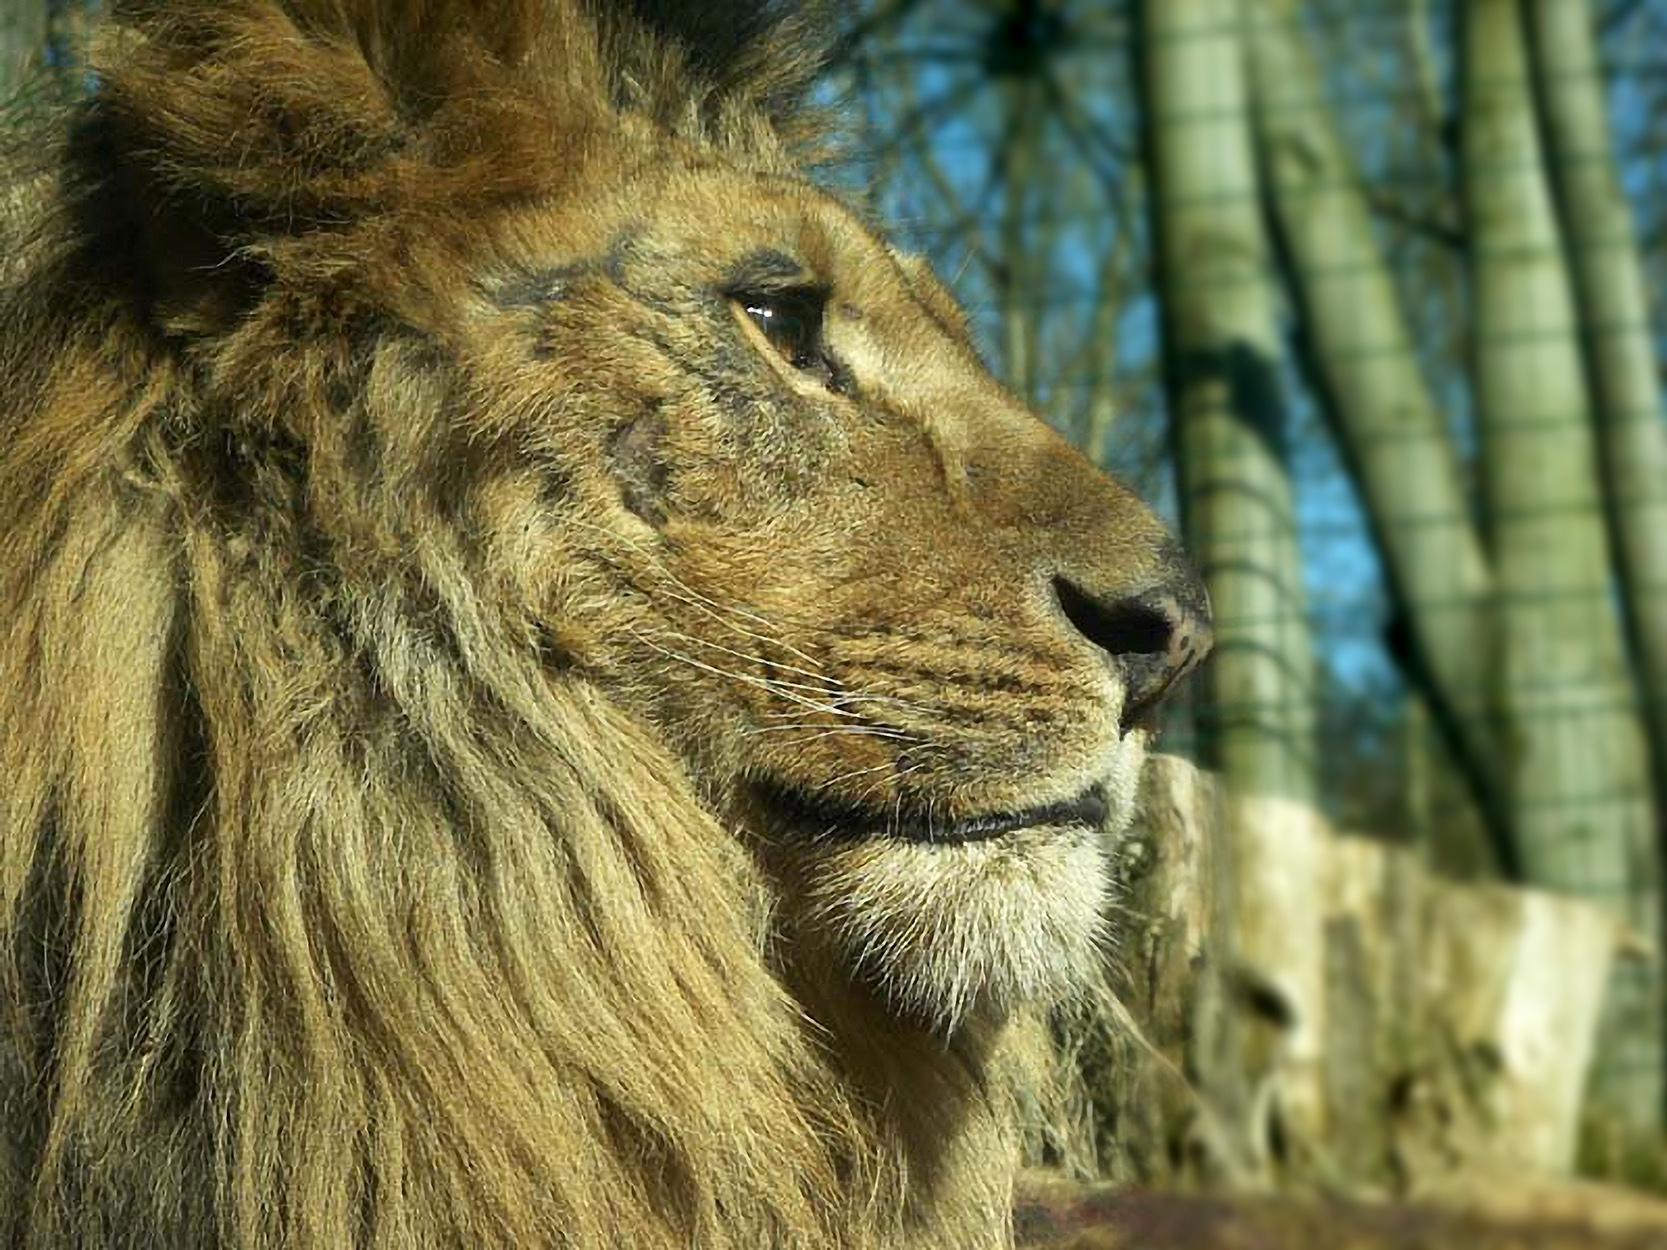 الملك دائما ملك........ الحمار يبقى Eberswalde_zoo_014mod.JPG